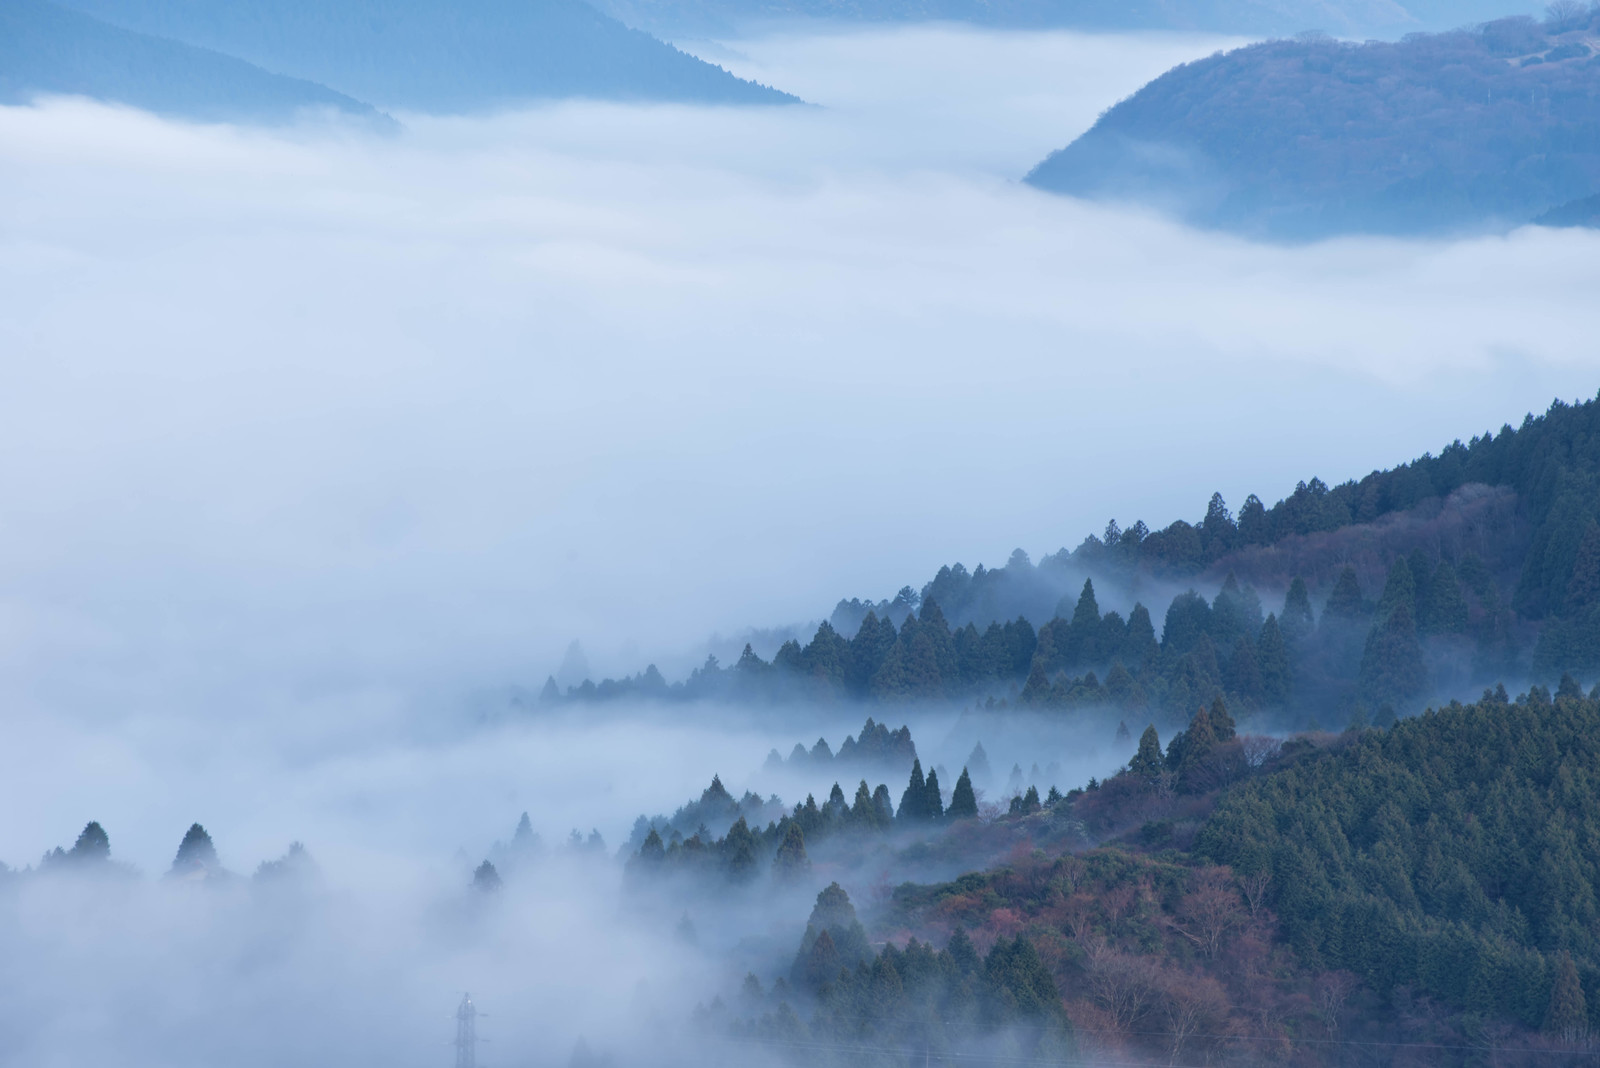 「霧に包まれる箱根の森 | 写真の無料素材・フリー素材 - ぱくたそ」の写真